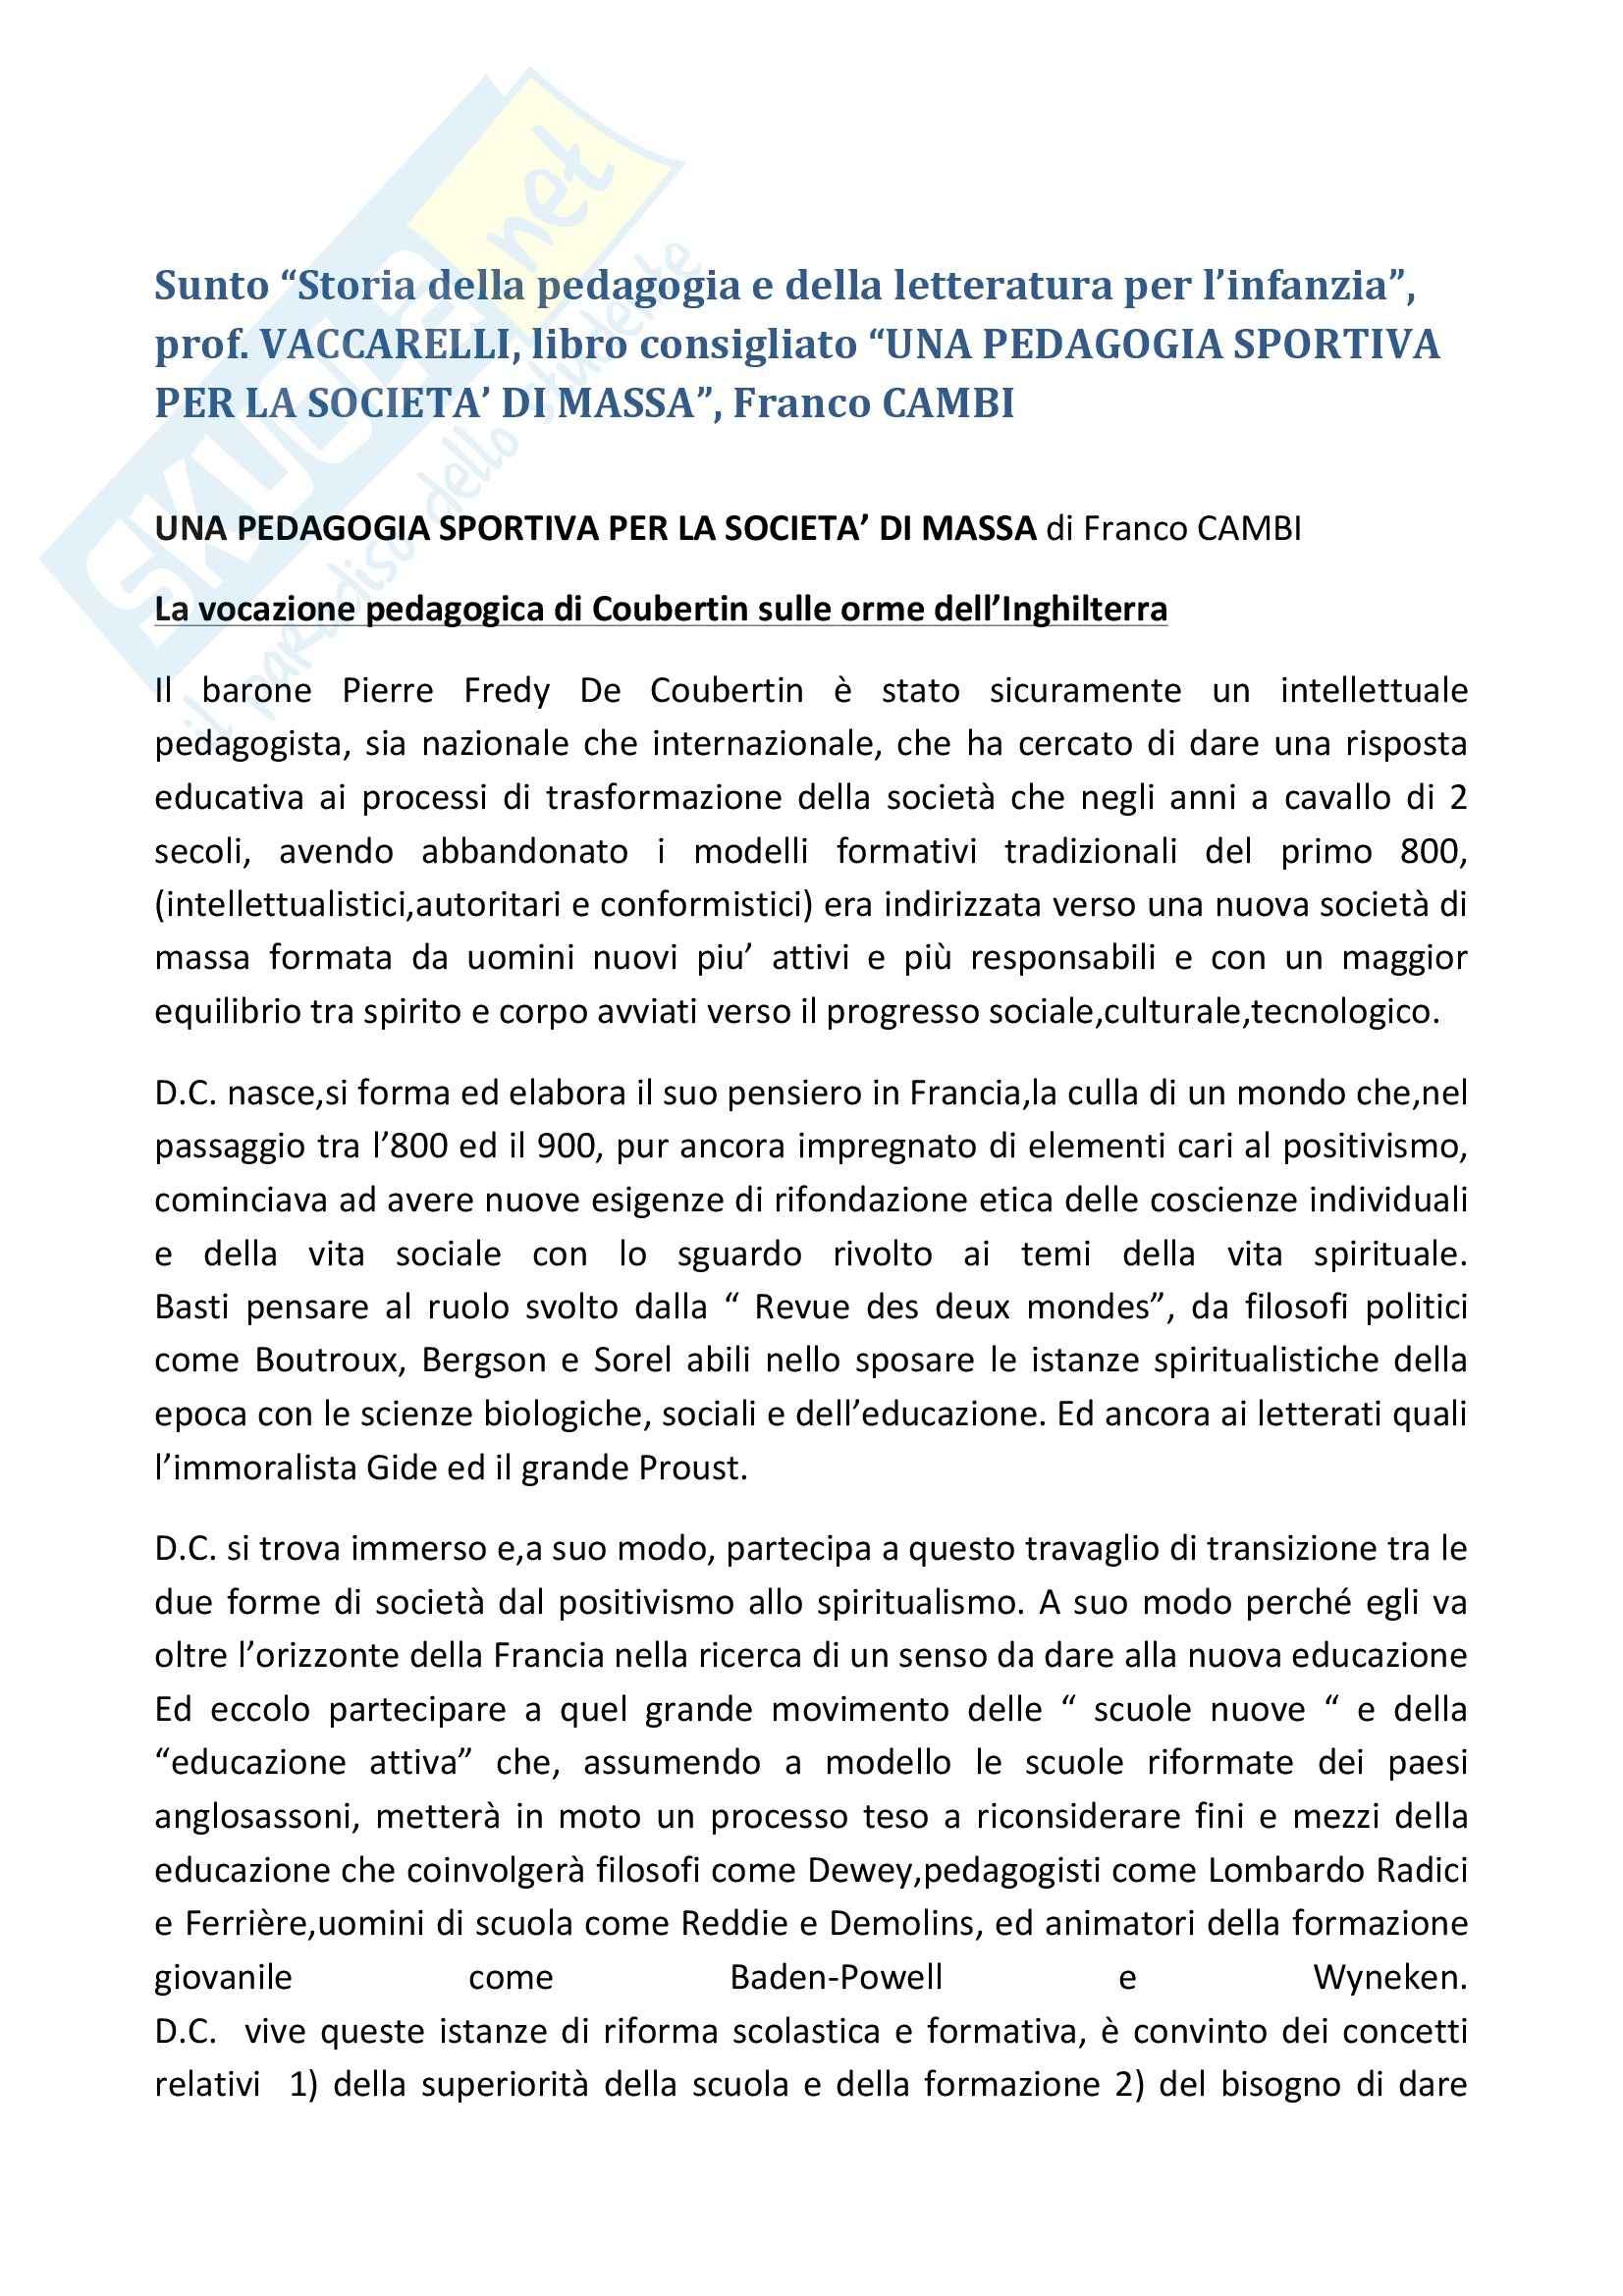 Riassunto esame Storia della pedagogia, prof. Vaccarelli, libro consigliato Una pedagogia sportiva per la società di massa, Cambi